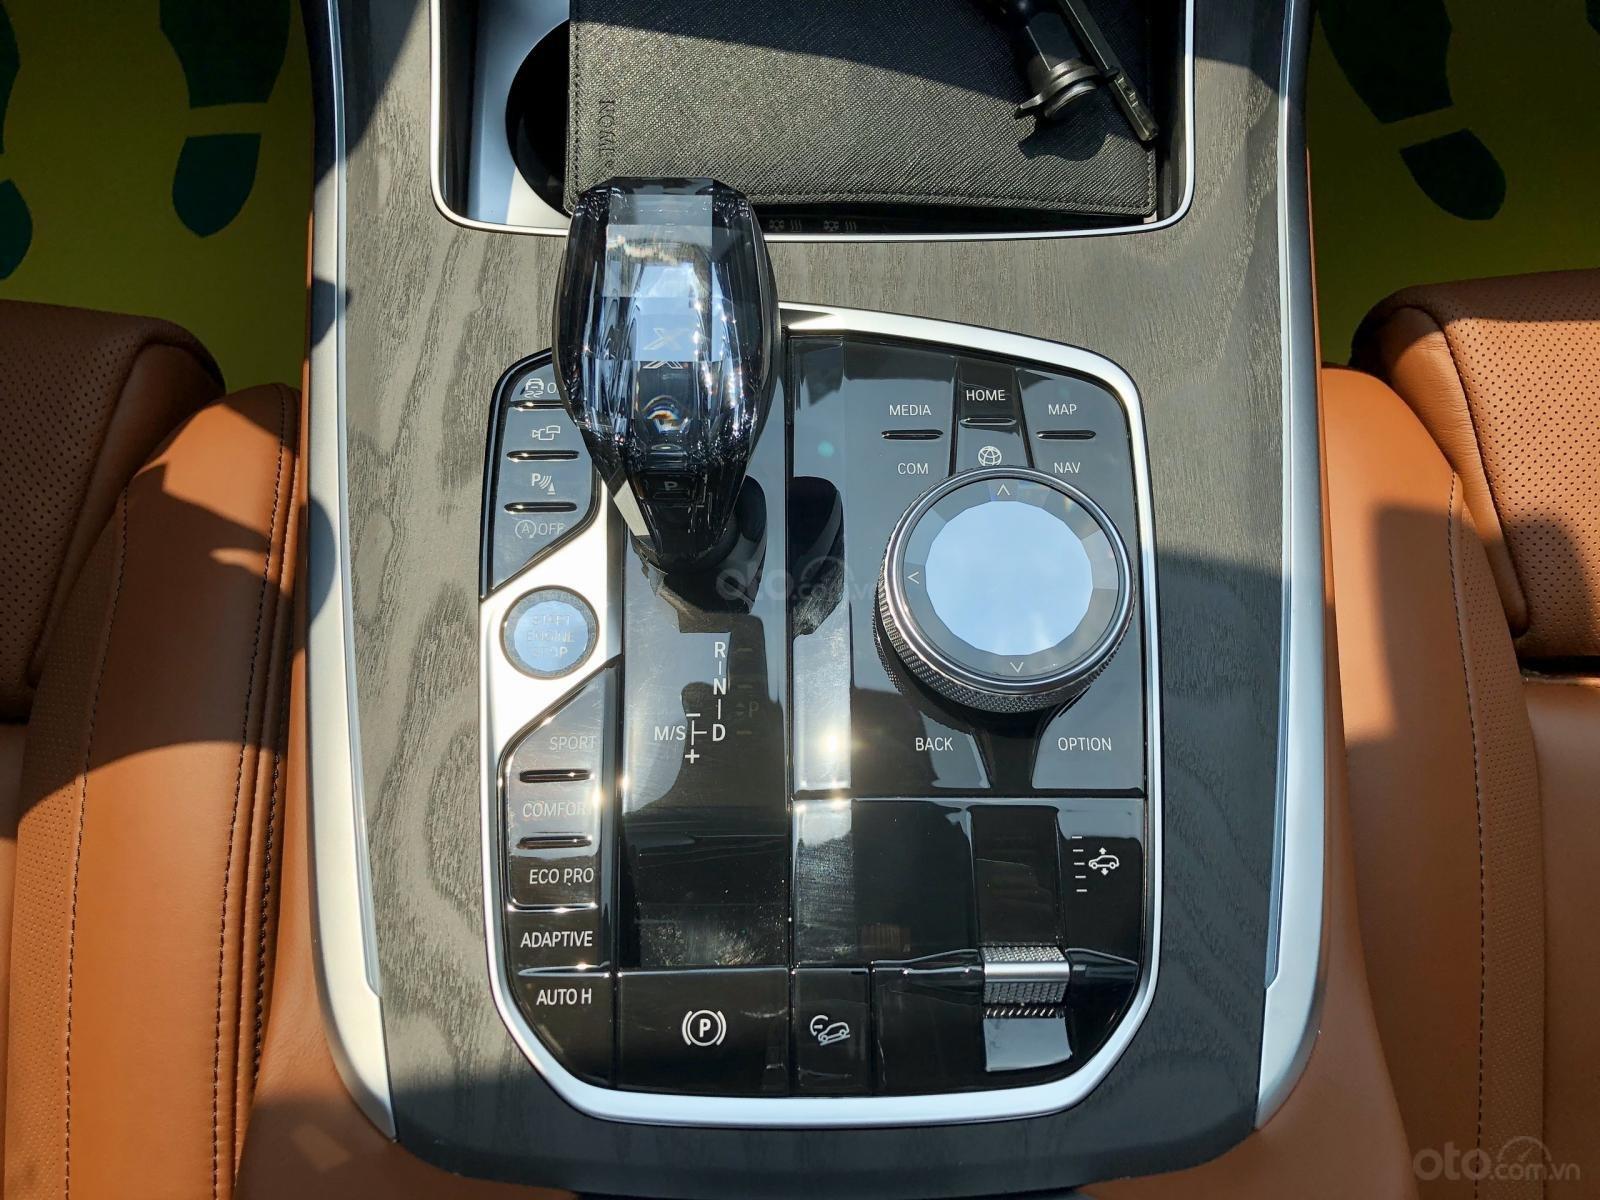 Bán BMW X7 XDrive40i M-Sport sản xuất năm 2019 full kịch option, màu đen, xe nhập Mỹ, LH 0982.84.2838 (21)